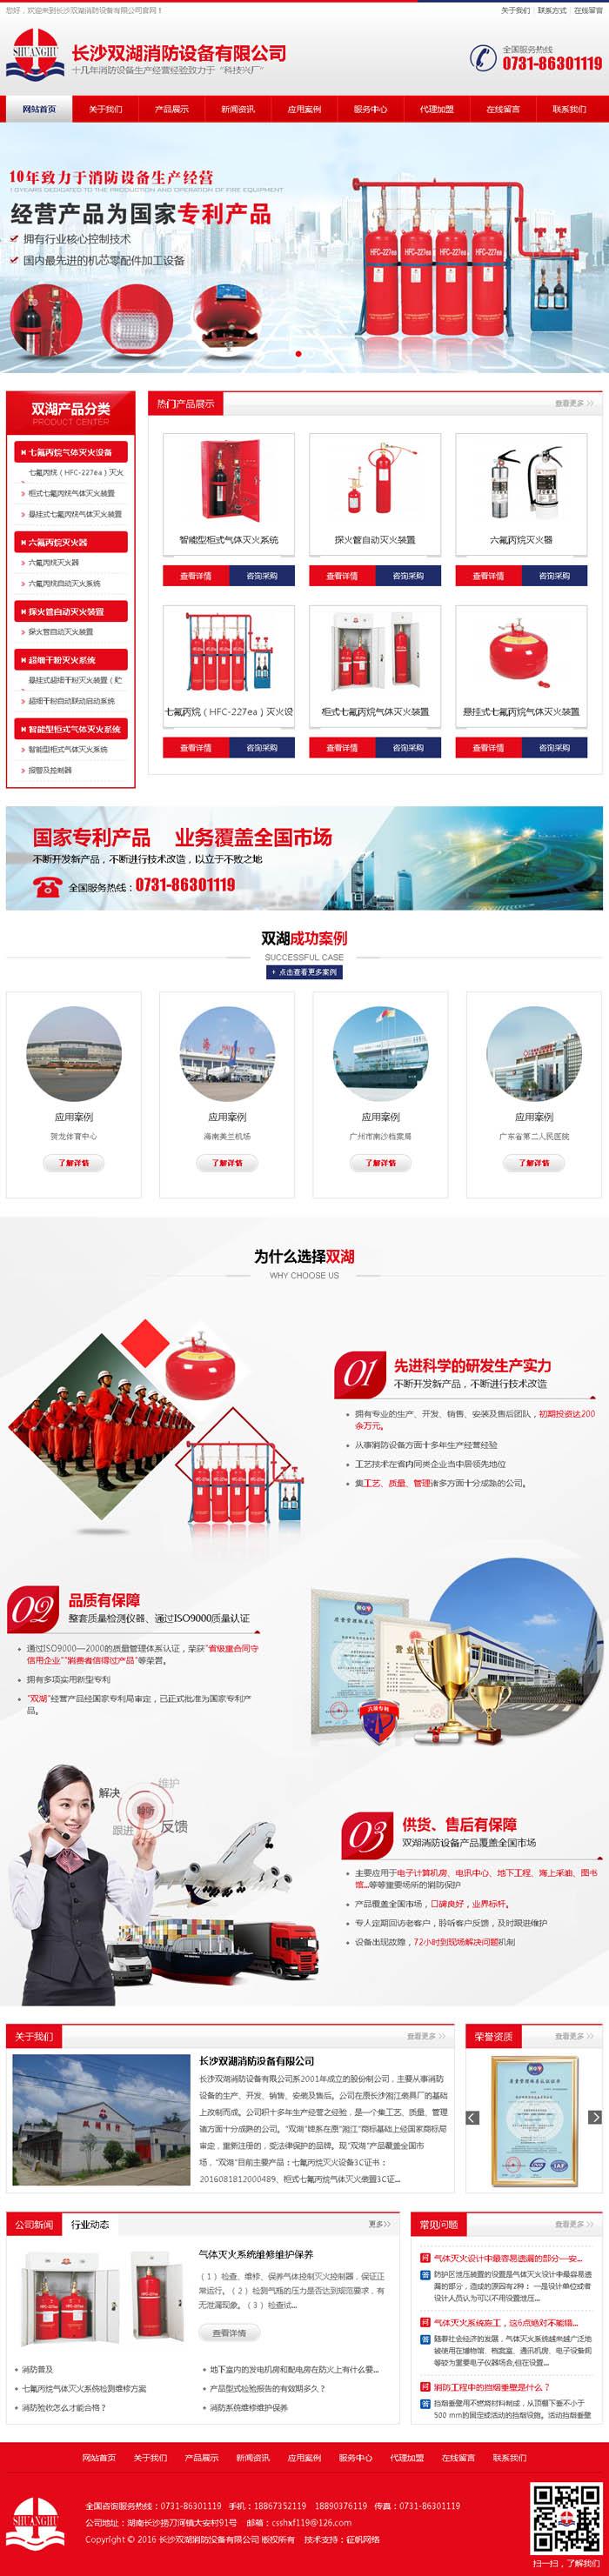 长沙双湖消防设备有限公司